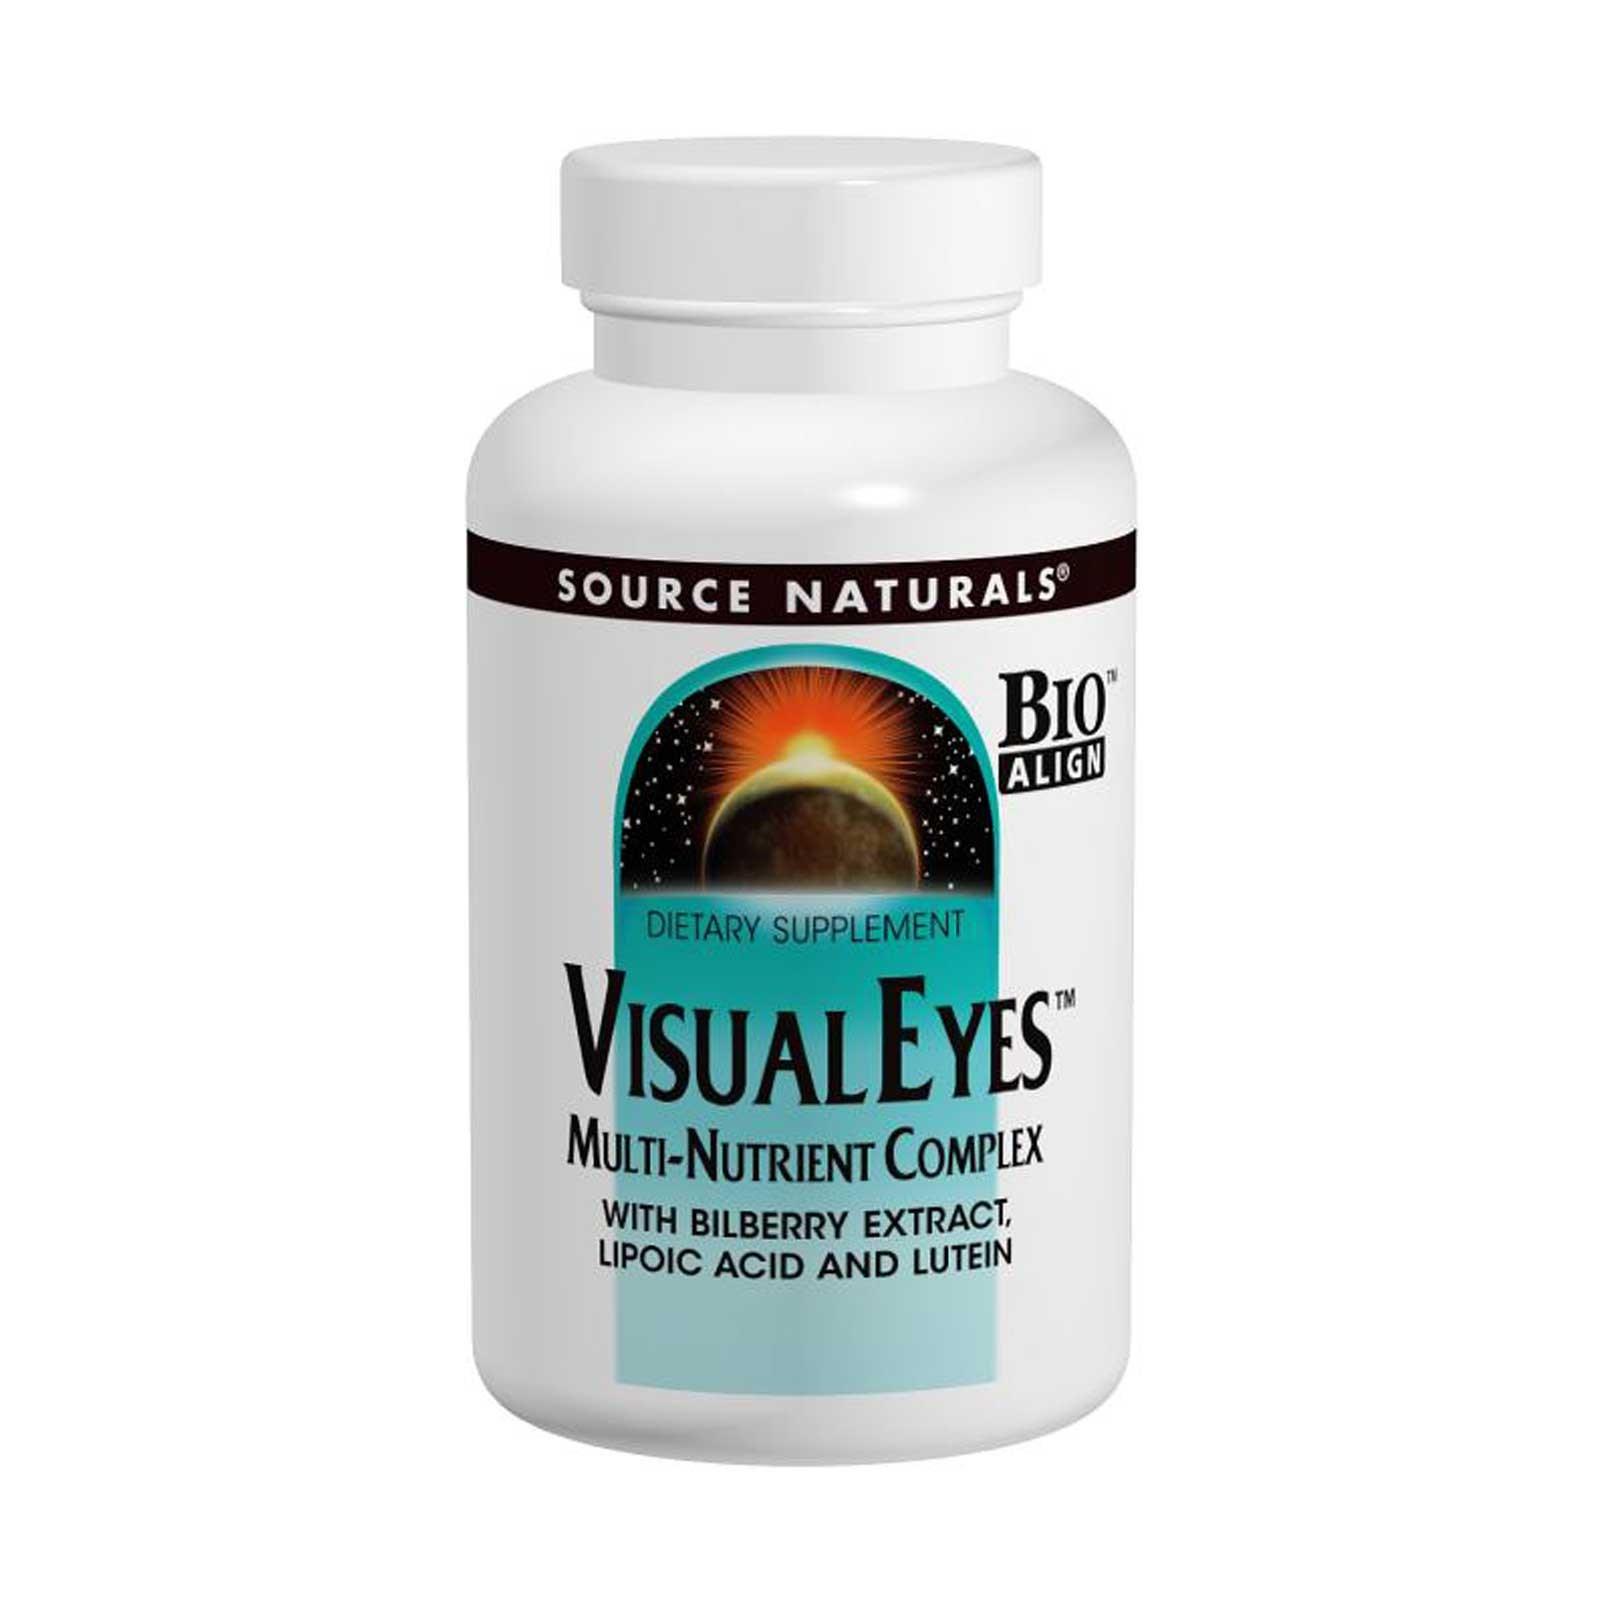 Мульти-питательный комплекс Visual Eyes в таблетках от Source Naturals.